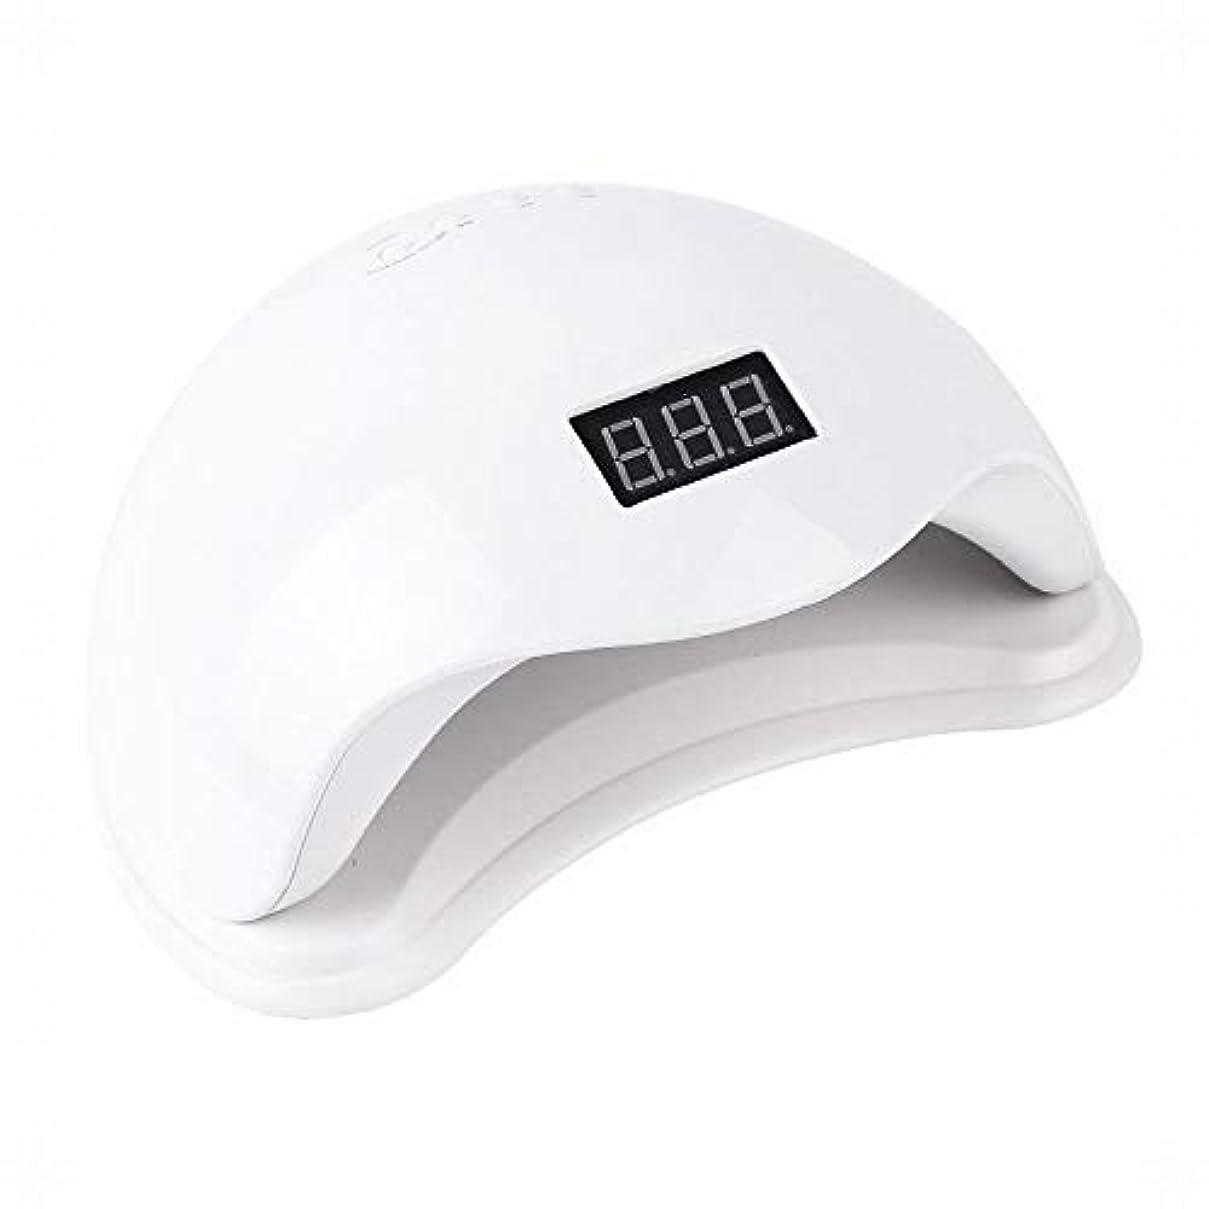 教うまディプロマYESONEEP 48ワットネイル光線療法機誘導速乾性無痛ネイルランプUV光線療法ランプLED (Size : 48W)